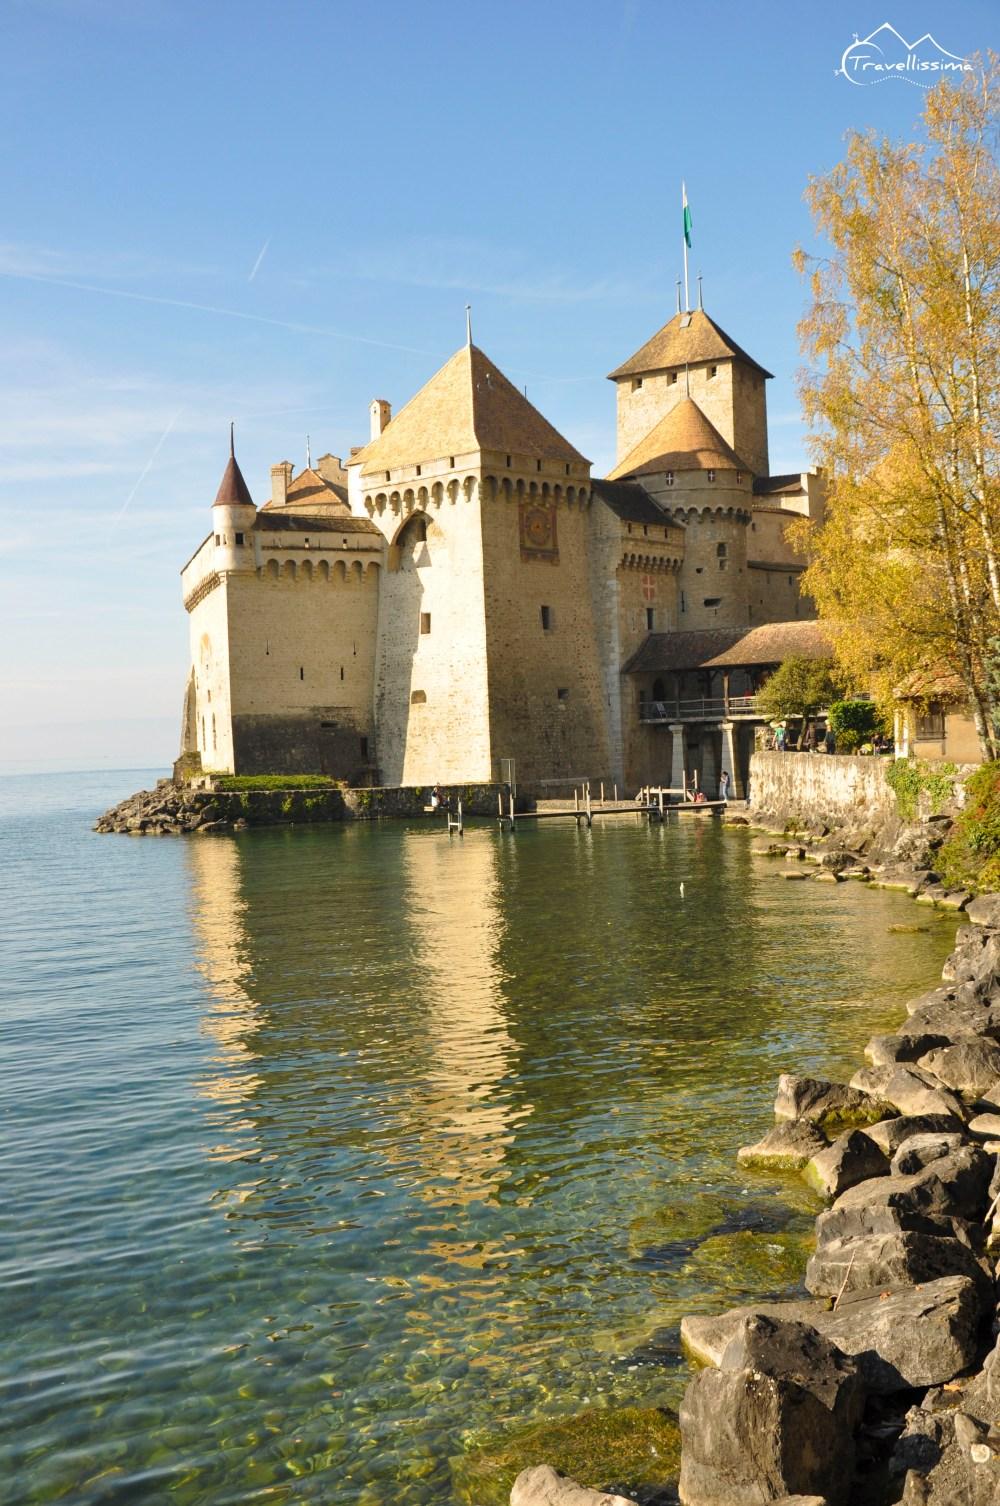 Chateau_Chillon_Anna_Kedzierska_Travellissima-0777